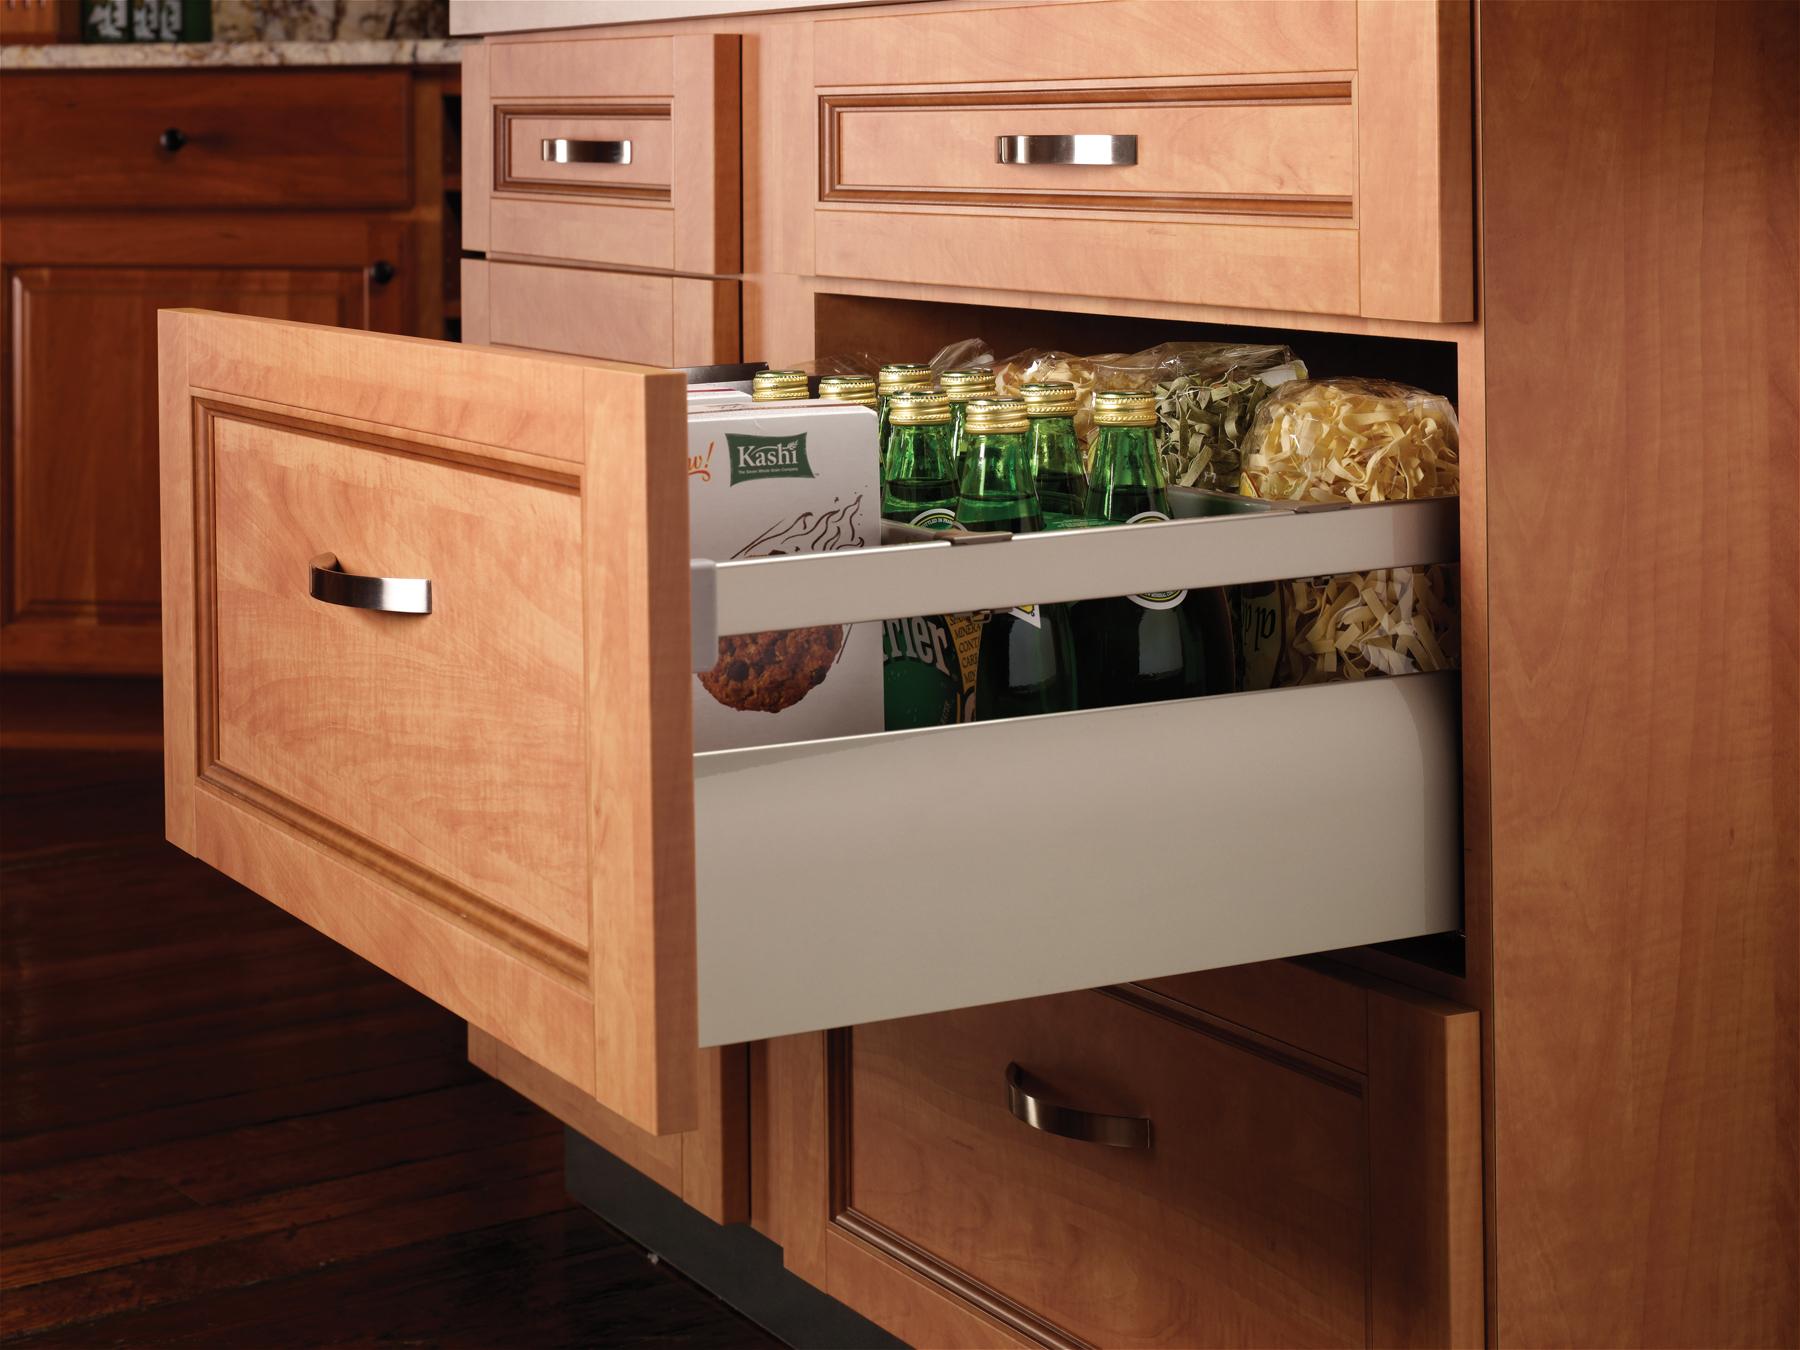 Cajones y gavetas muebles de cocina grass nova pro deluxe for Cajones para cocina